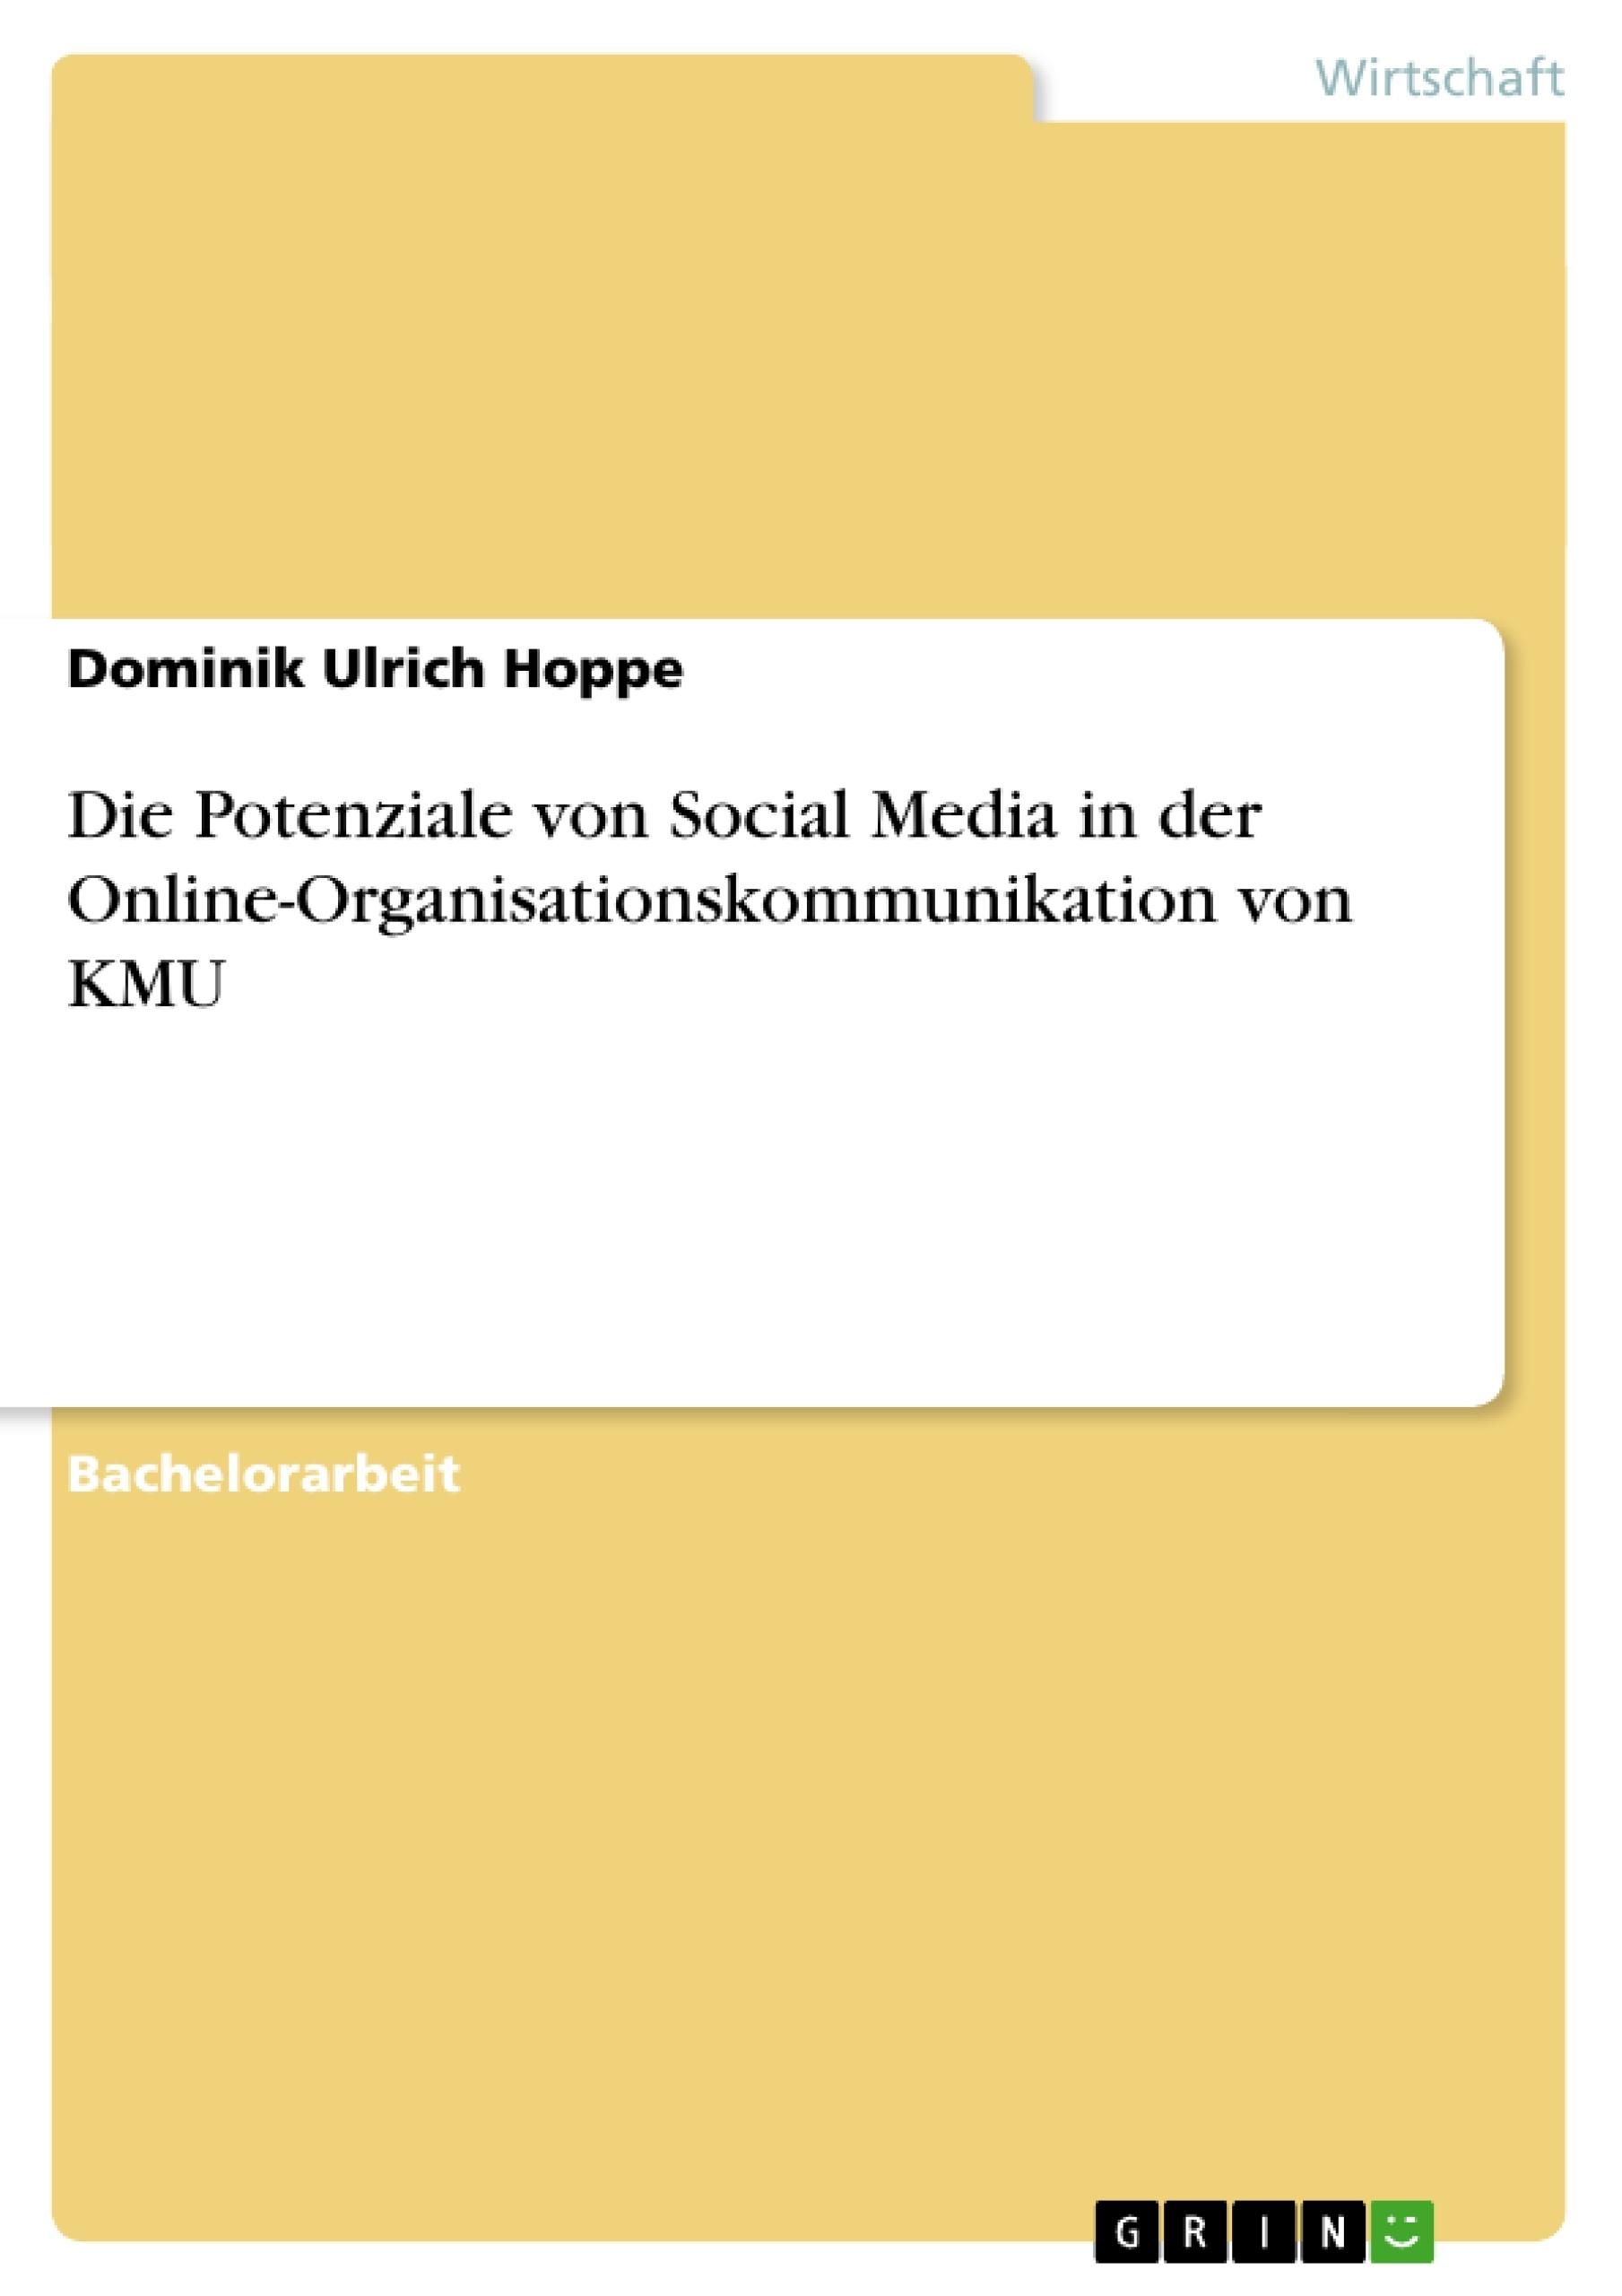 Titel: Die Potenziale von Social Media in der Online-Organisationskommunikation von KMU